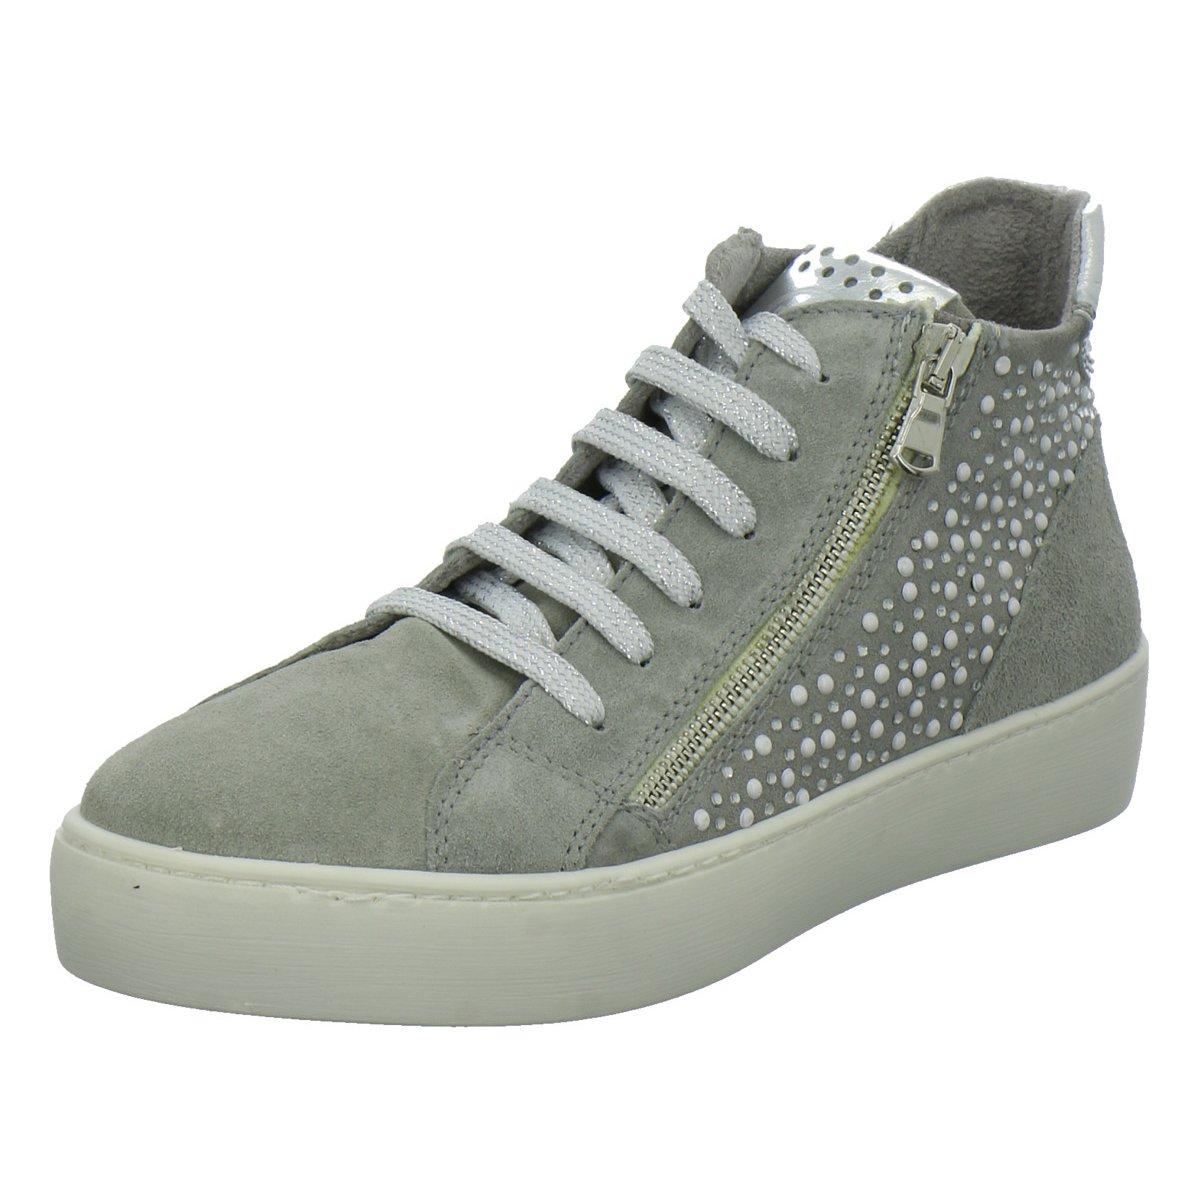 NEU Marco Tozzi Damen Sneaker SCHNÜRSTIEFEL 2-2-25206-20-221 grau 415189